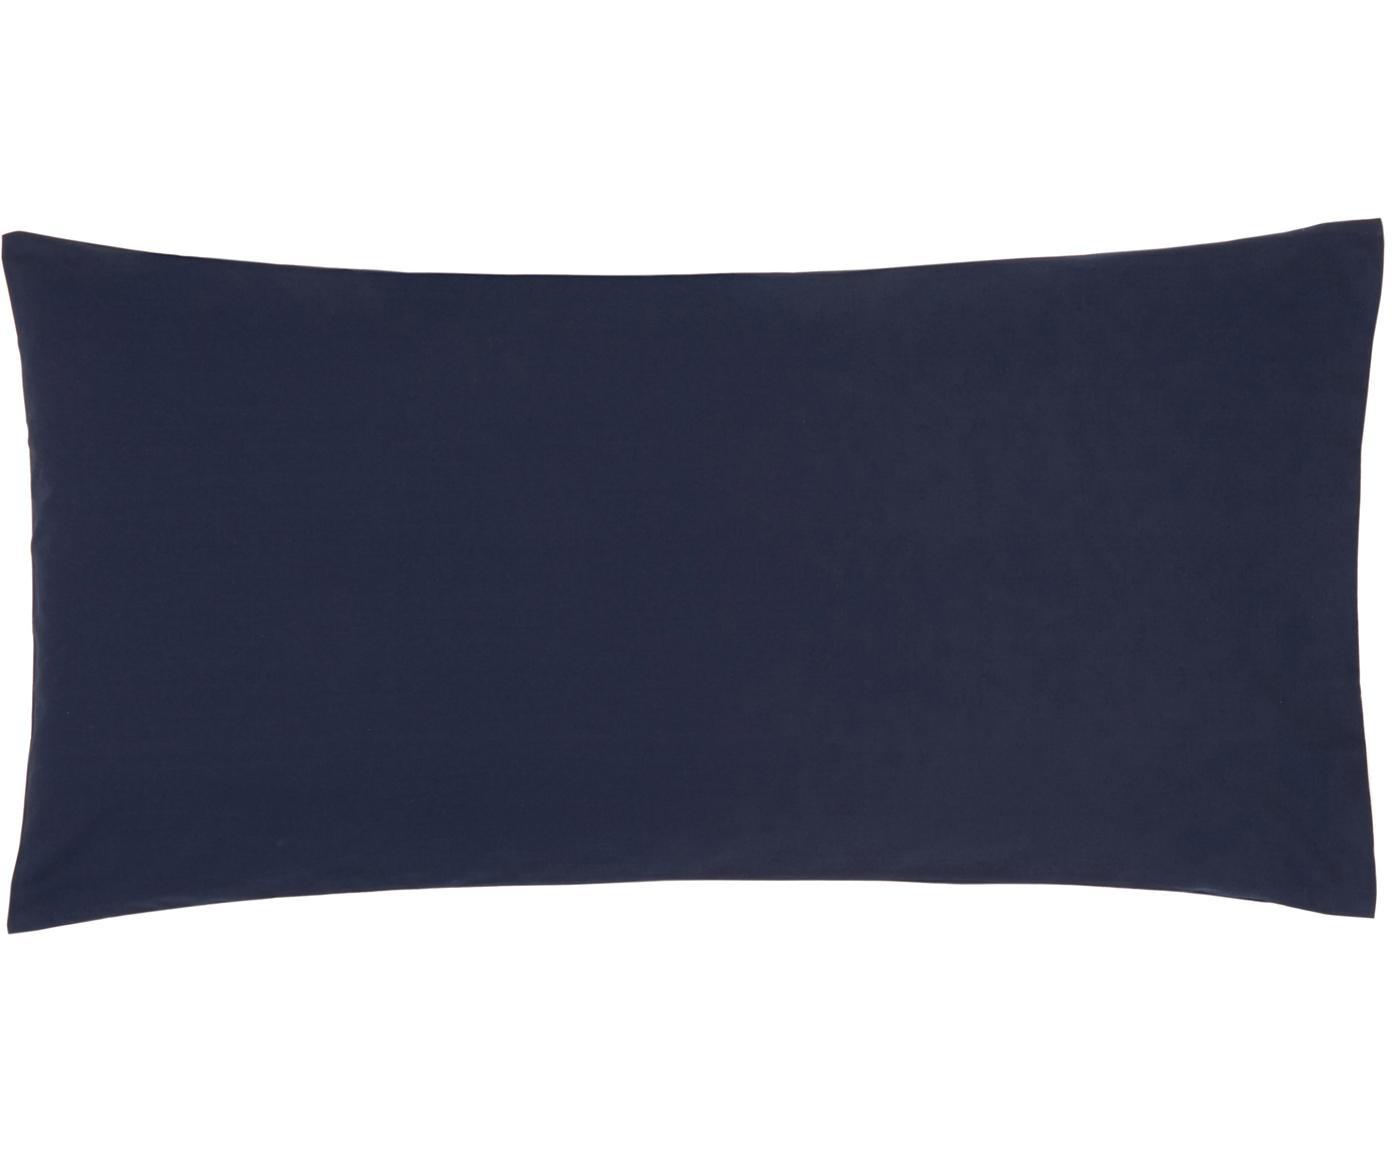 Poszewka na poduszkę z perkalu bawełnianego Elsie, 2 szt., Ciemnoniebieski, S 40 x D 80 cm